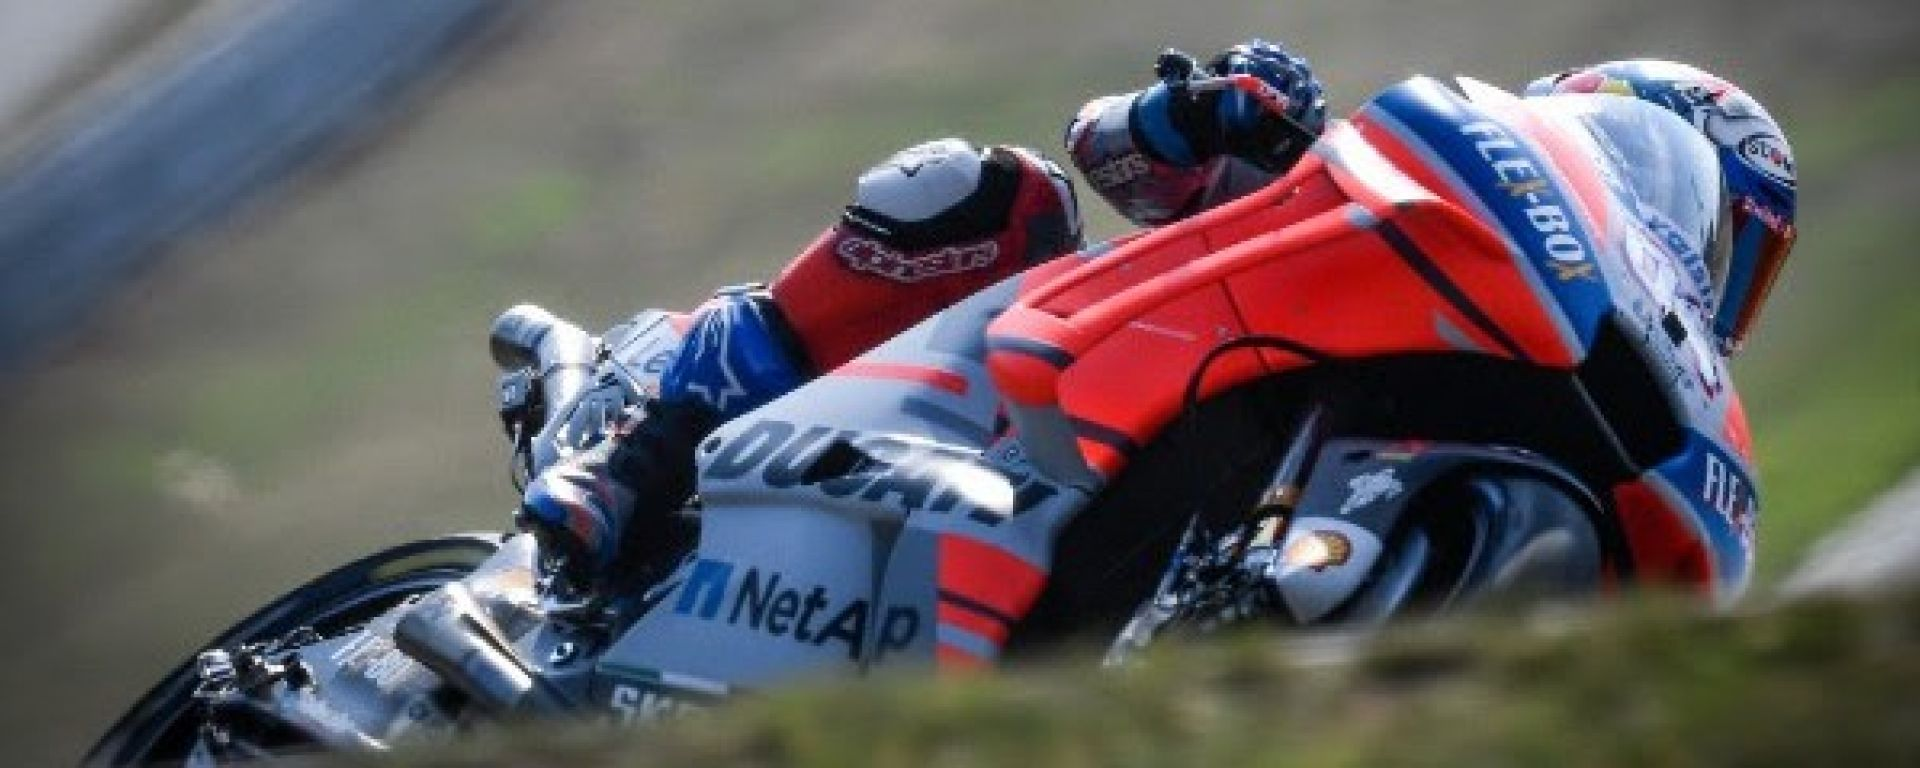 Test Brno: provate le nuove Michelin, Marquez chiude al top